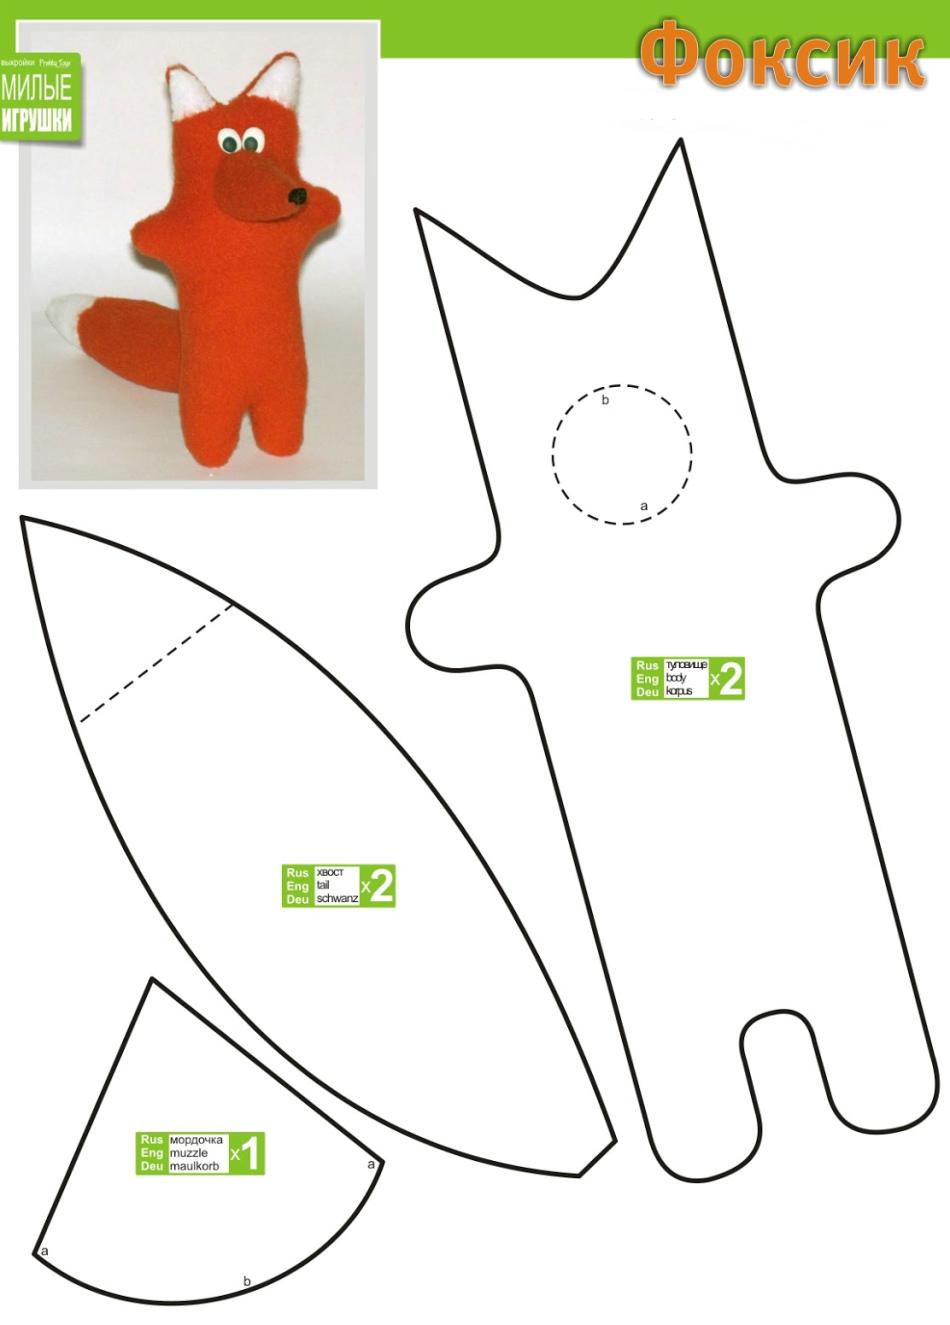 Мягкая игрушка своими руками для начинающих с выкройками фото 384